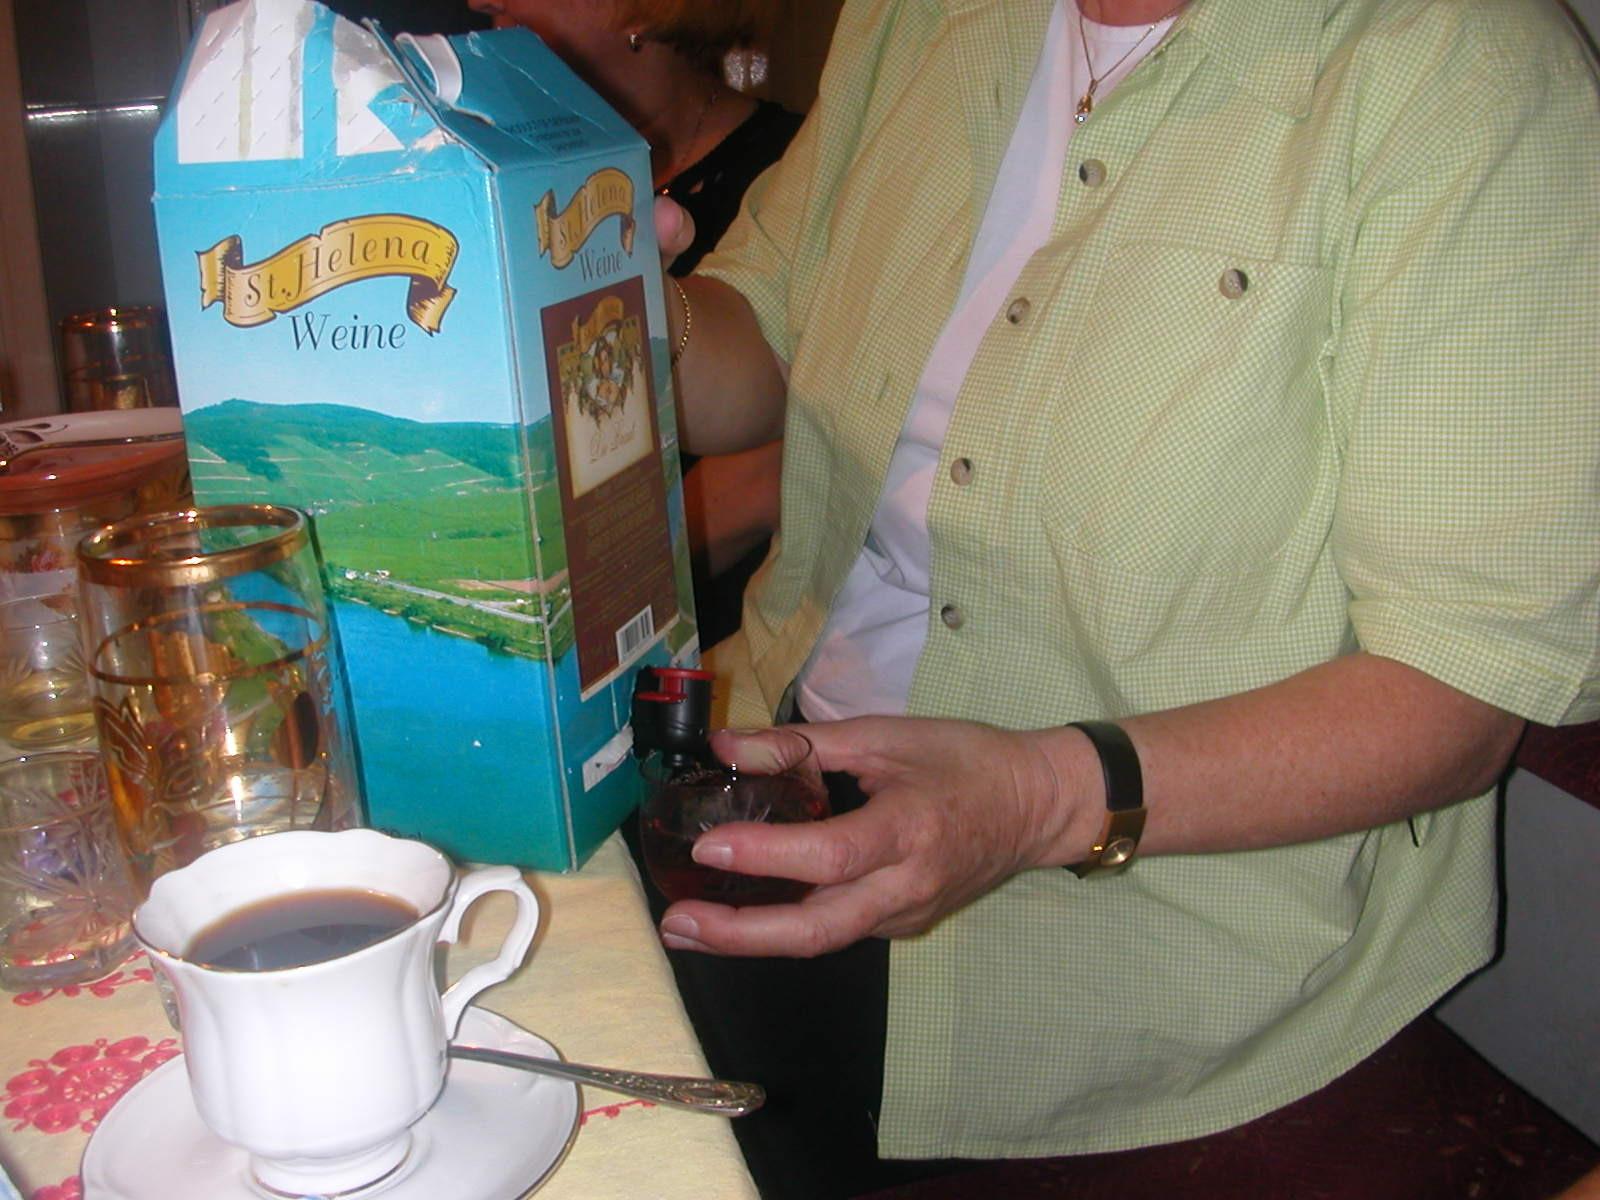 Kaffee oder Wein? Oder doch noch Selbstgebrannten?